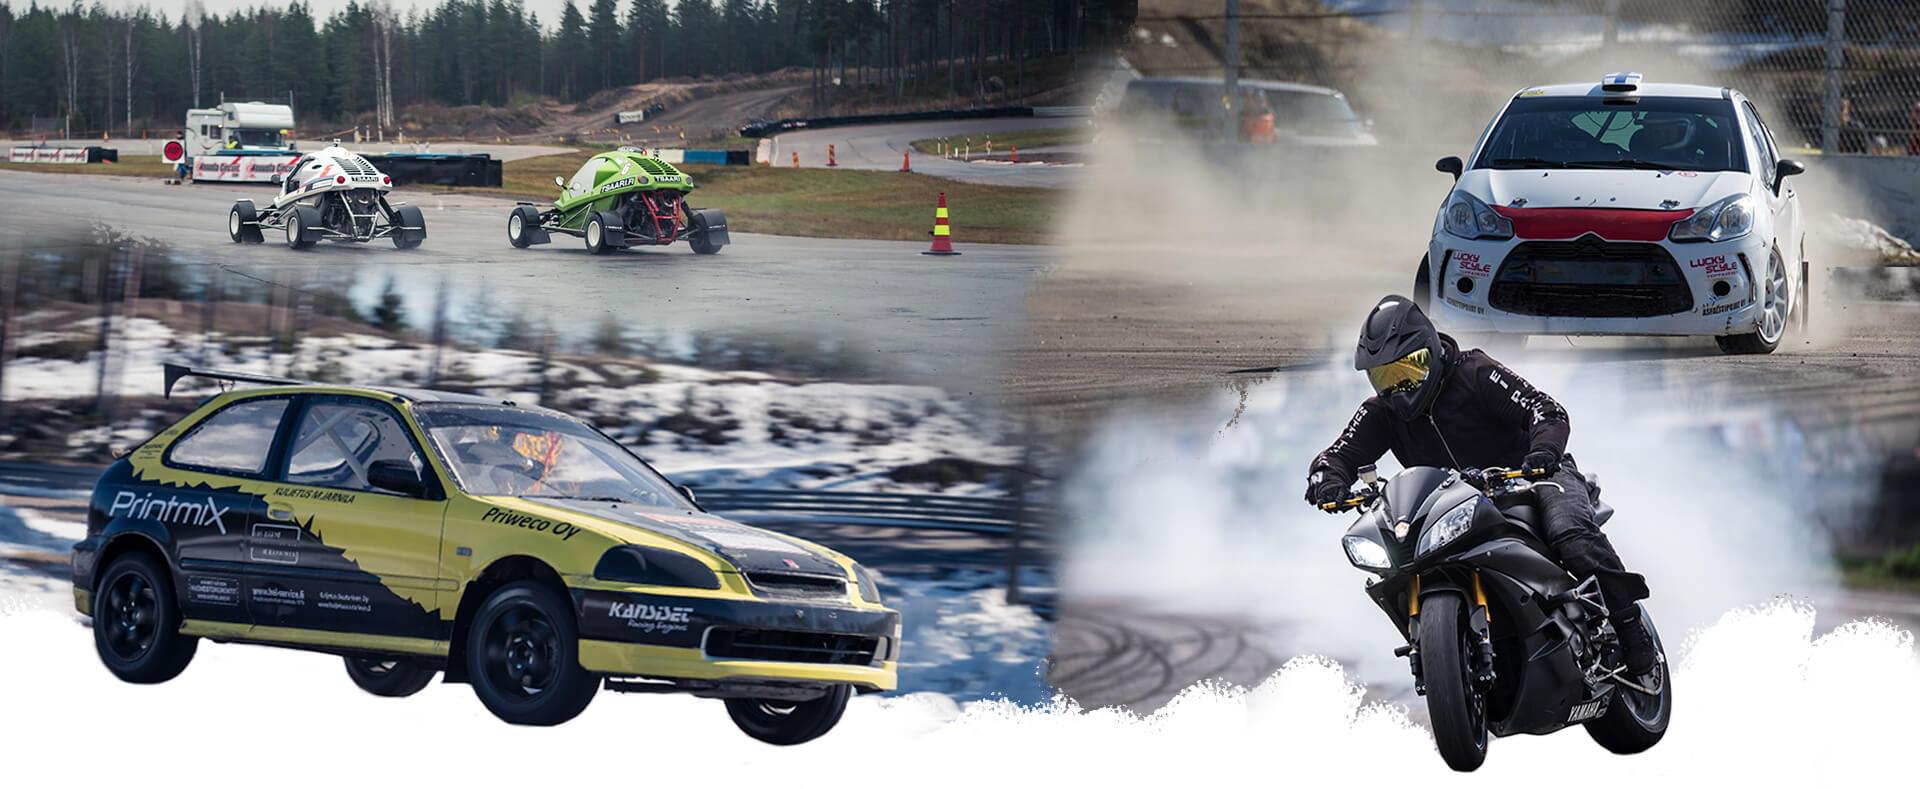 Tykkimäki Moottorirata Kouvola moottoriurheilukeskus